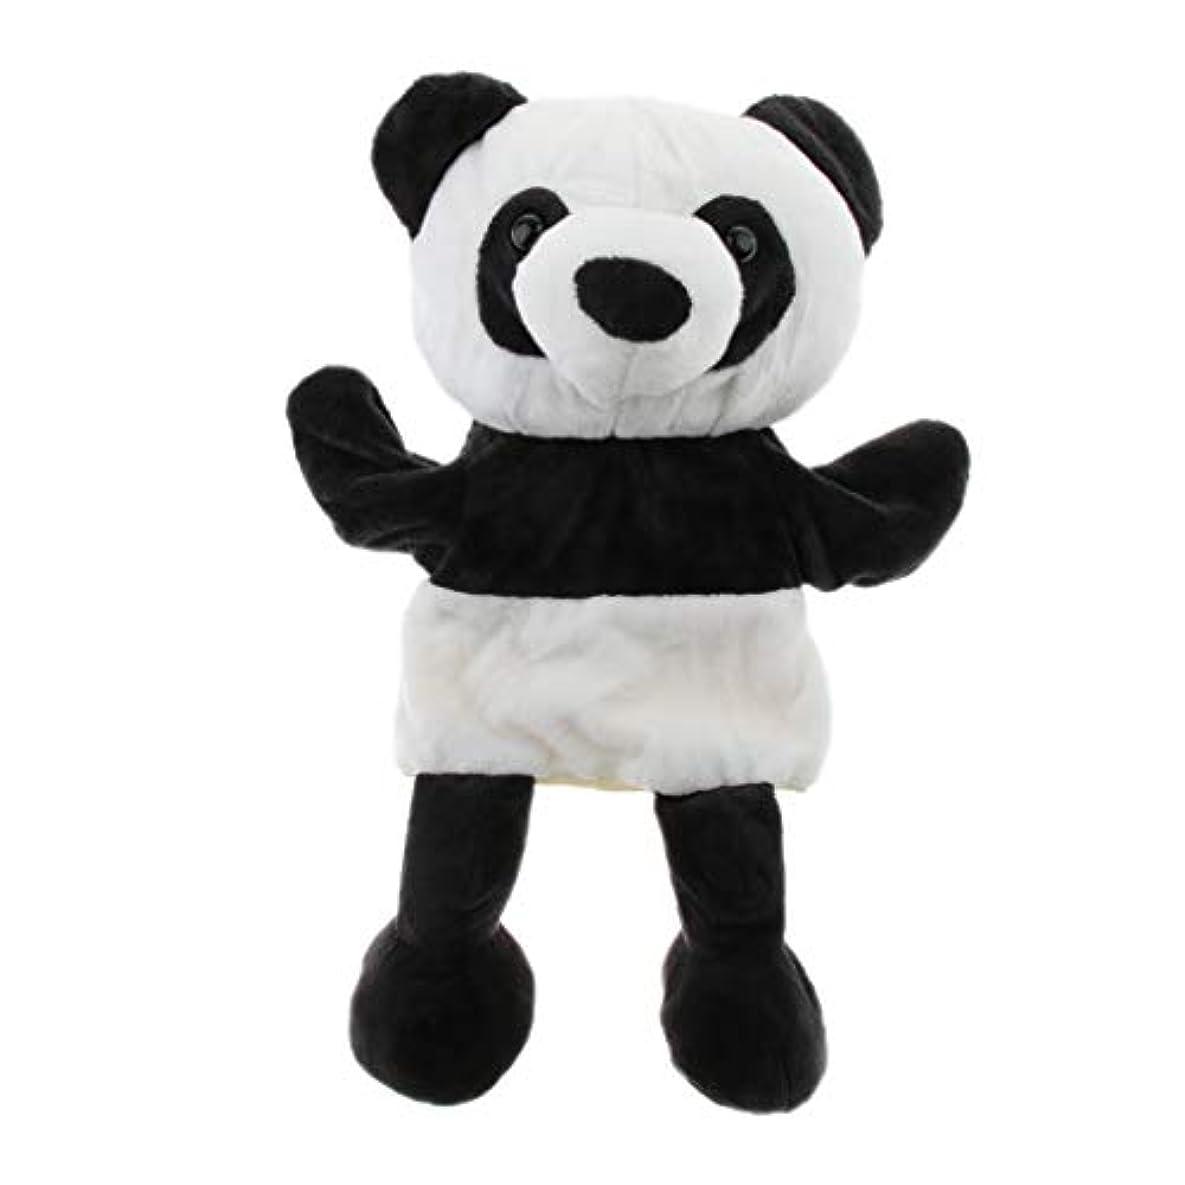 敵対的みがきます良い7色選ぶ ぬいぐるみ 動物人形 ハンドパペット 想像力開発 人形劇 人形舞台 ふり遊びおもちゃ - パンダ